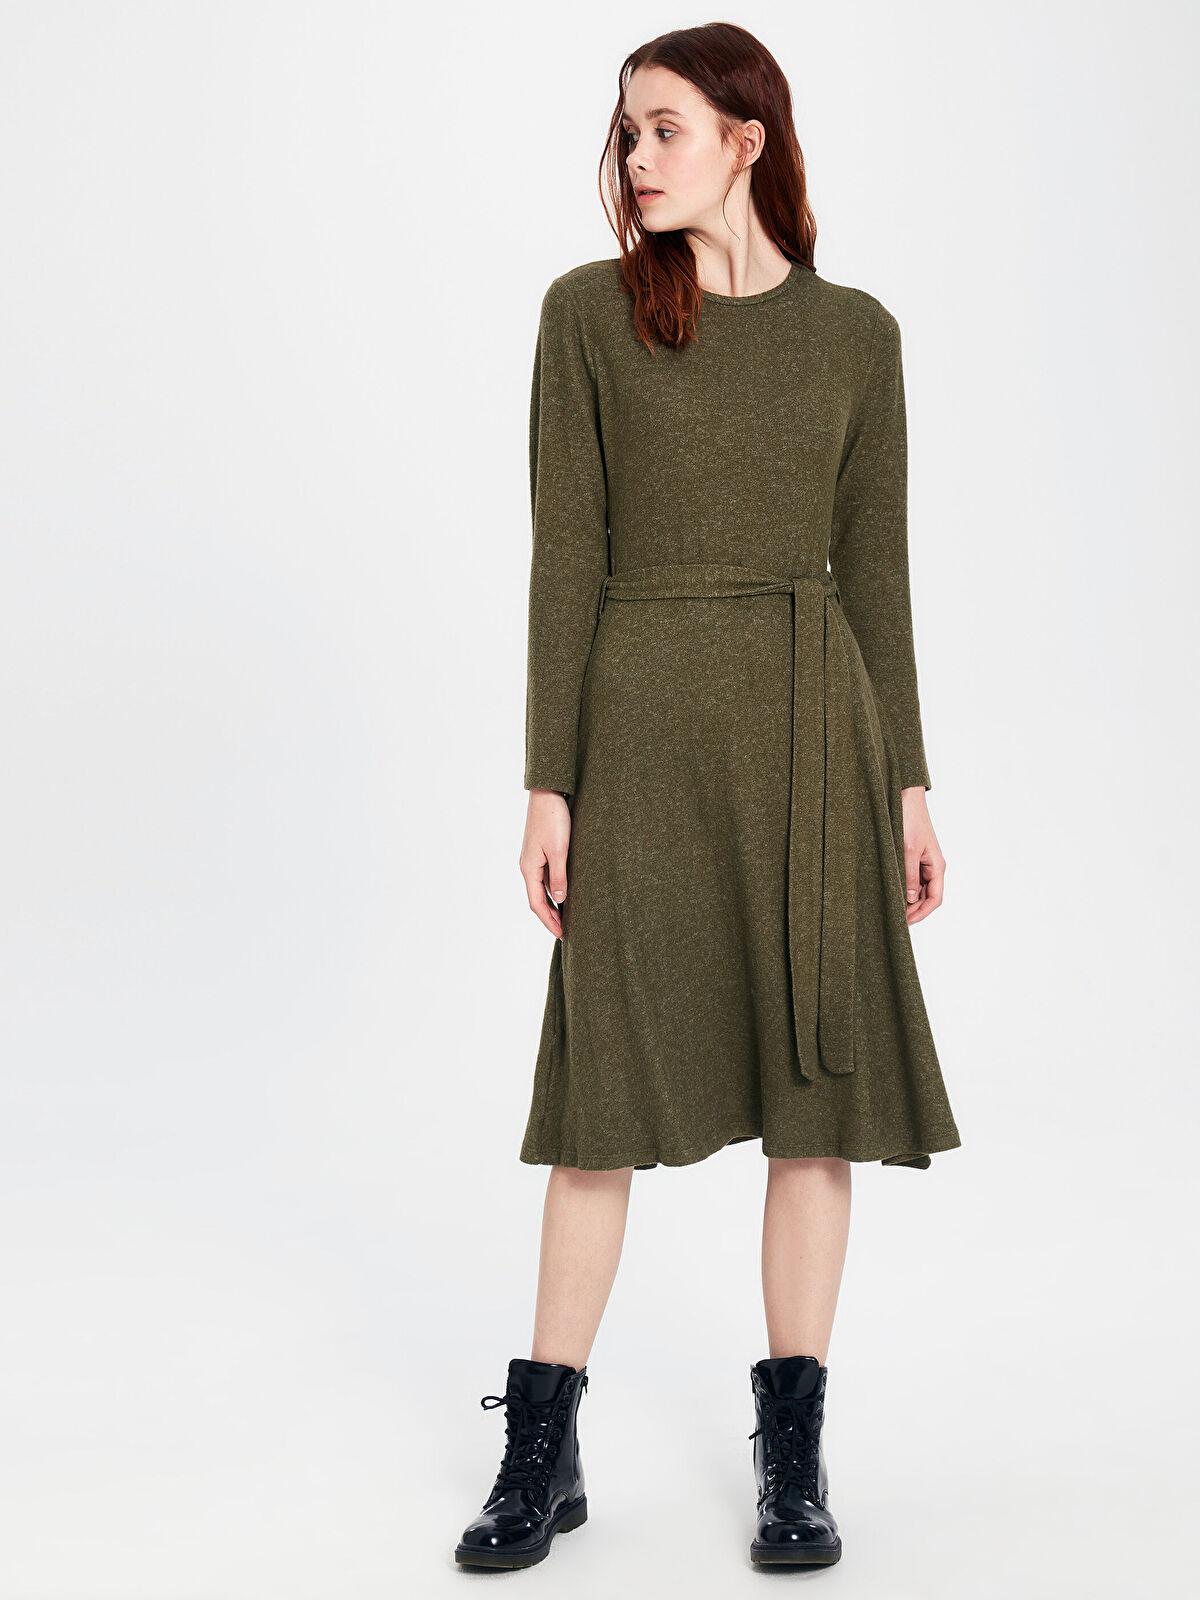 Kuşaklı Kendinden Desenli Kloş Elbise - LC WAIKIKI